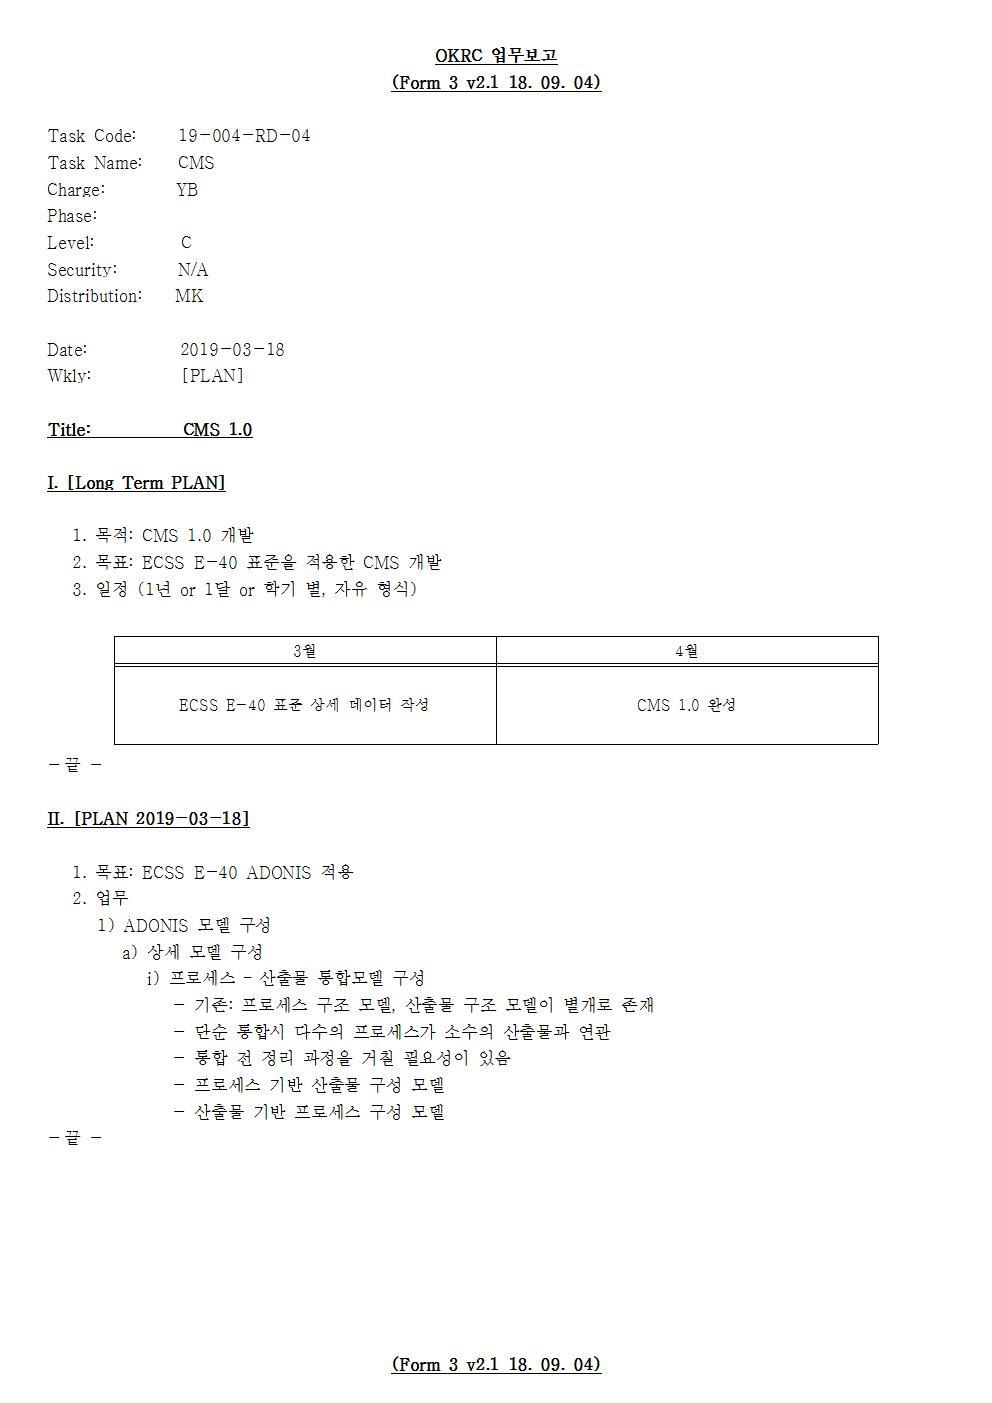 D-[19-004-RD-04]-[CMS]-[2019-03-18][YB]001.jpg